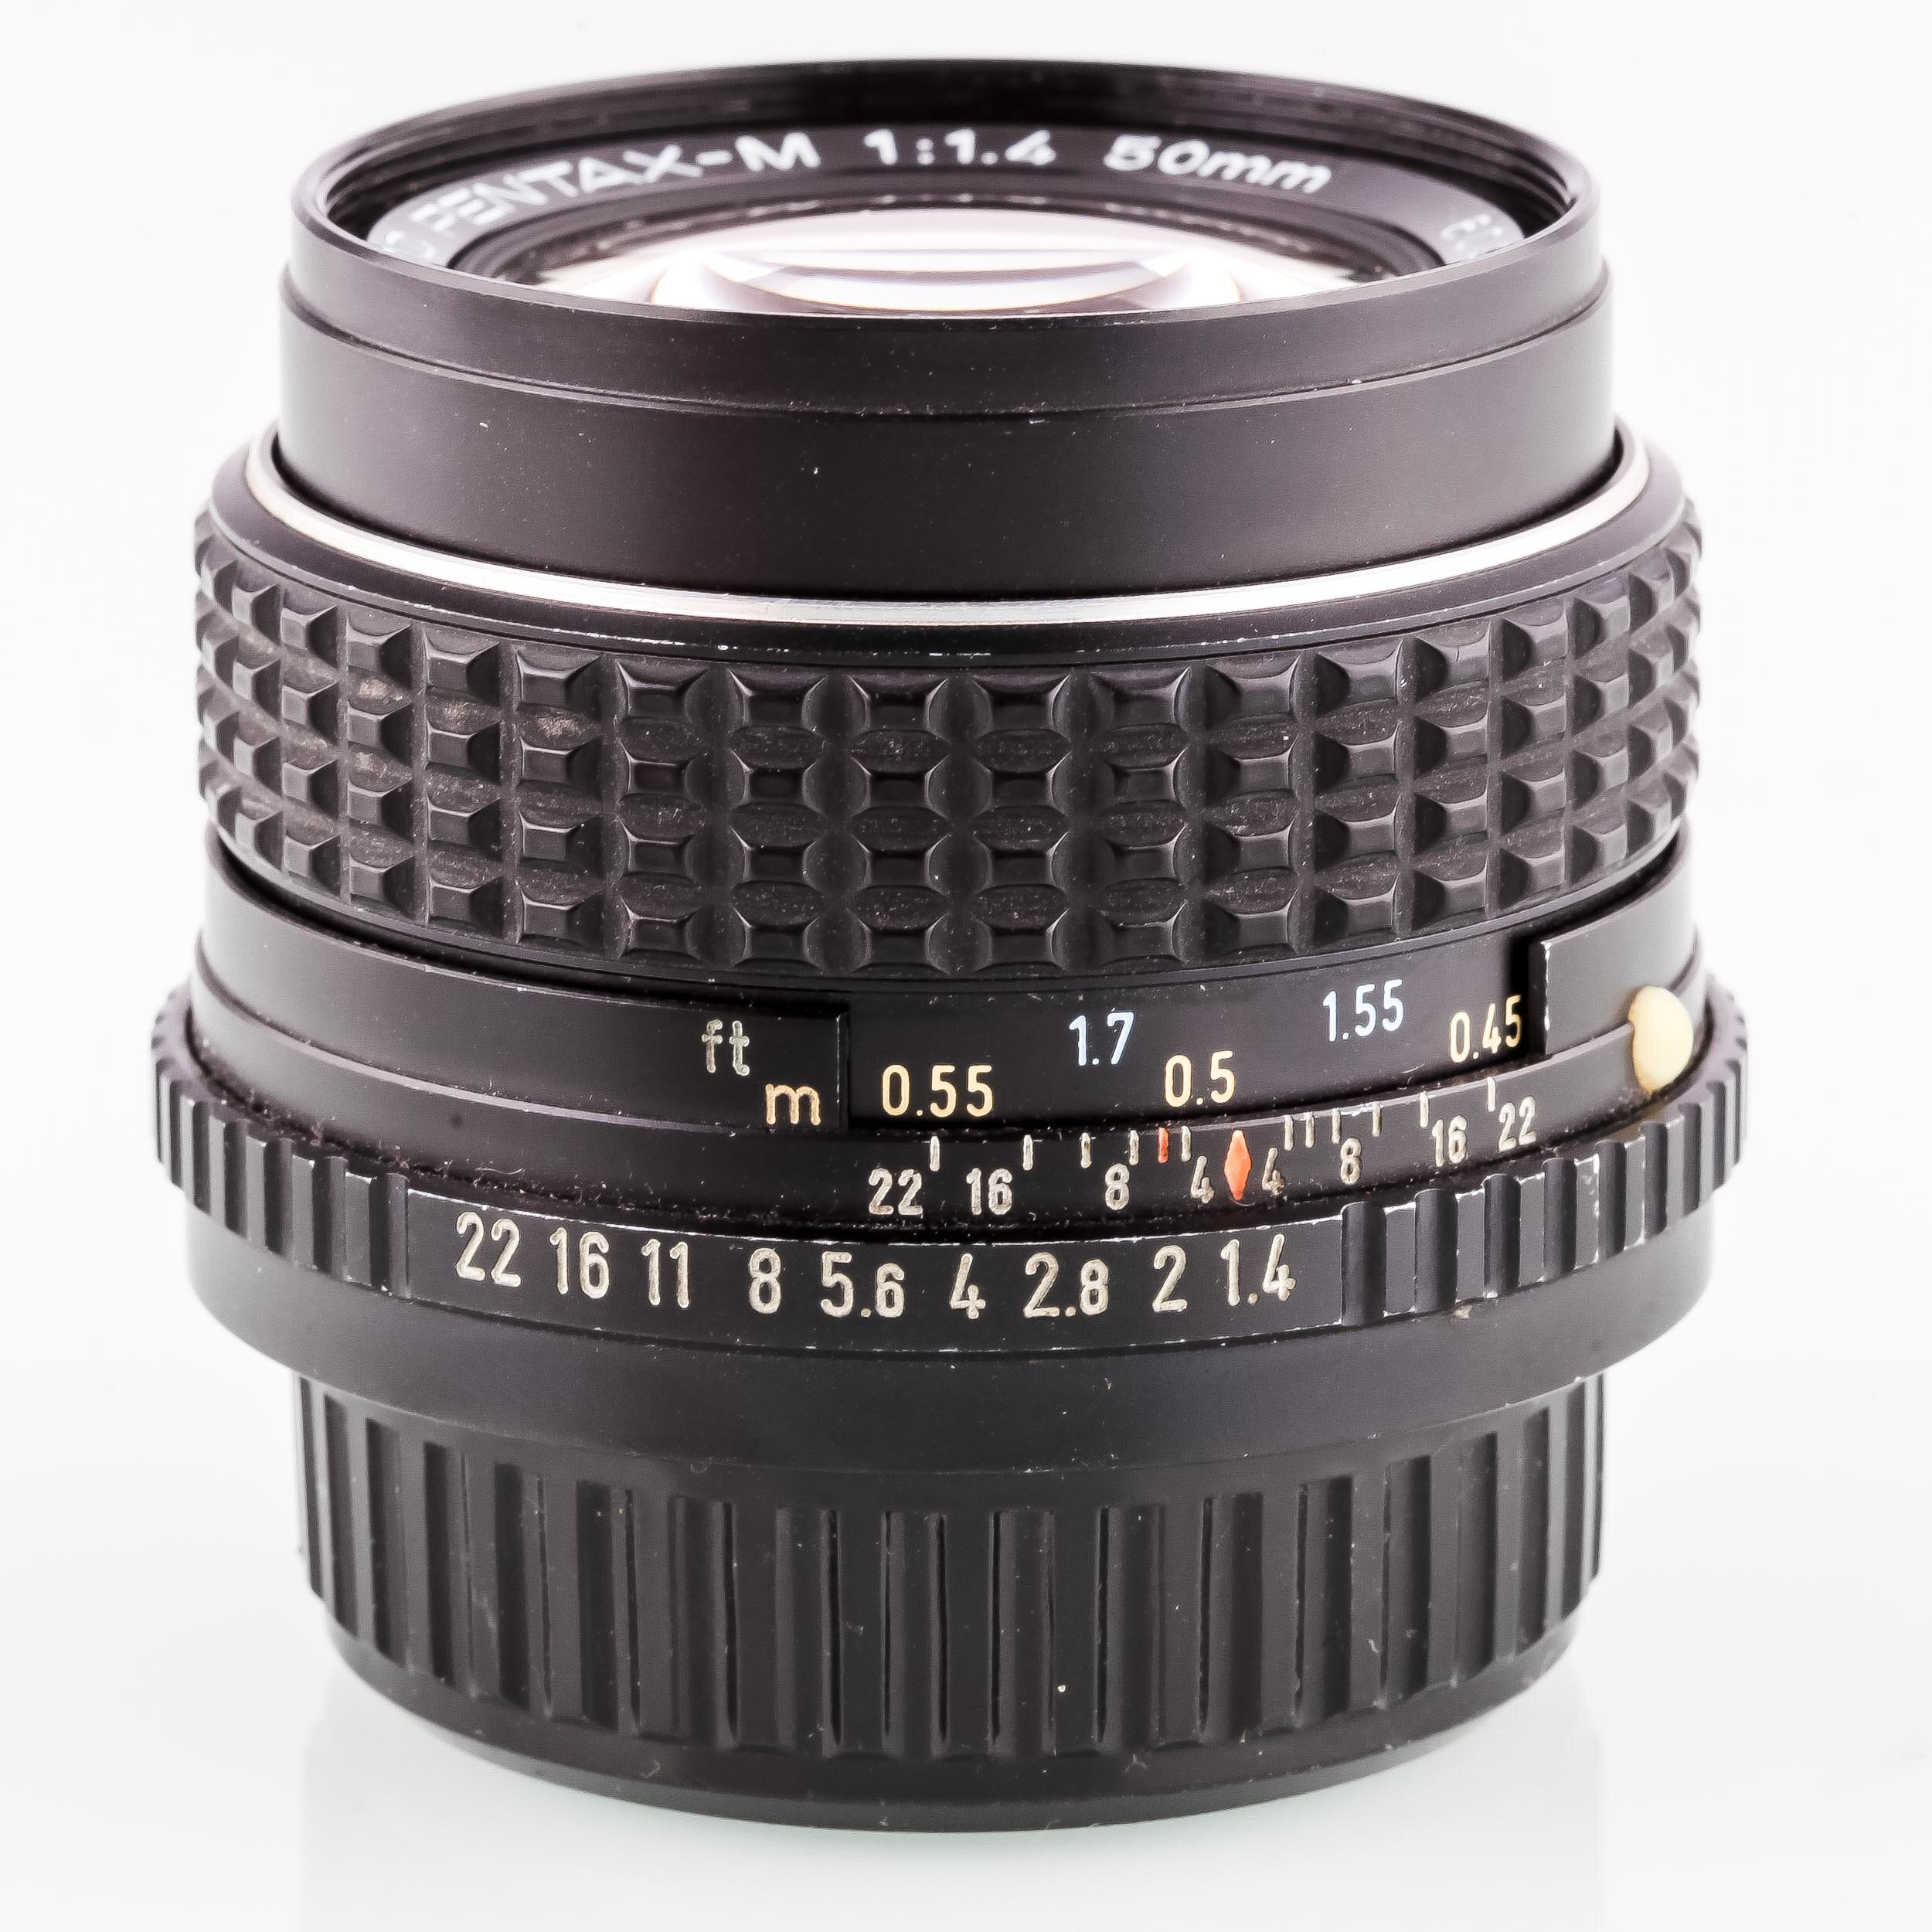 SMC Pentax-M 1,4/50mm